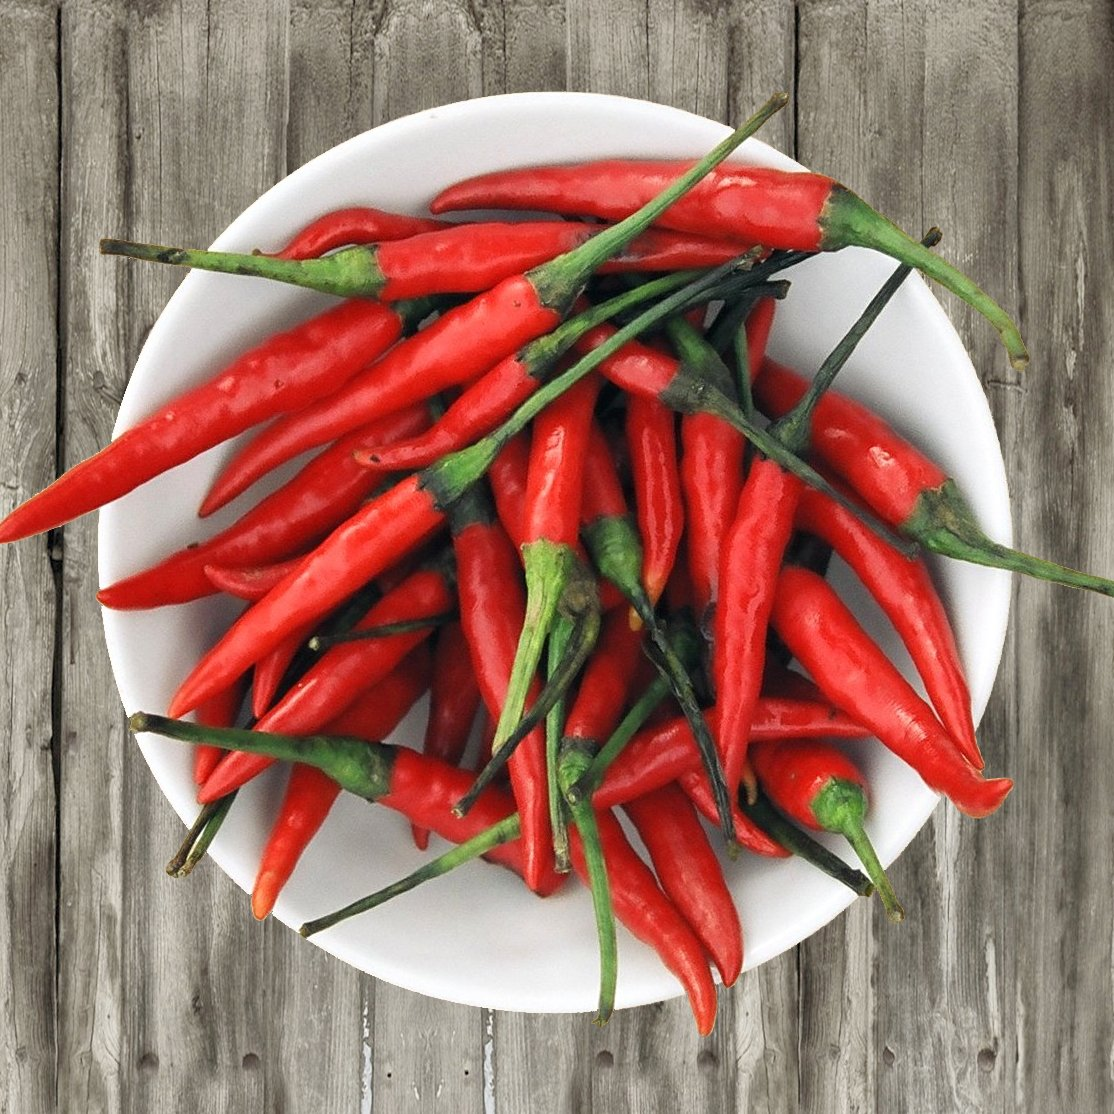 HOT! Organic Red Thai Hot Chili Pepper Capsicum annuum - 50 Seeds